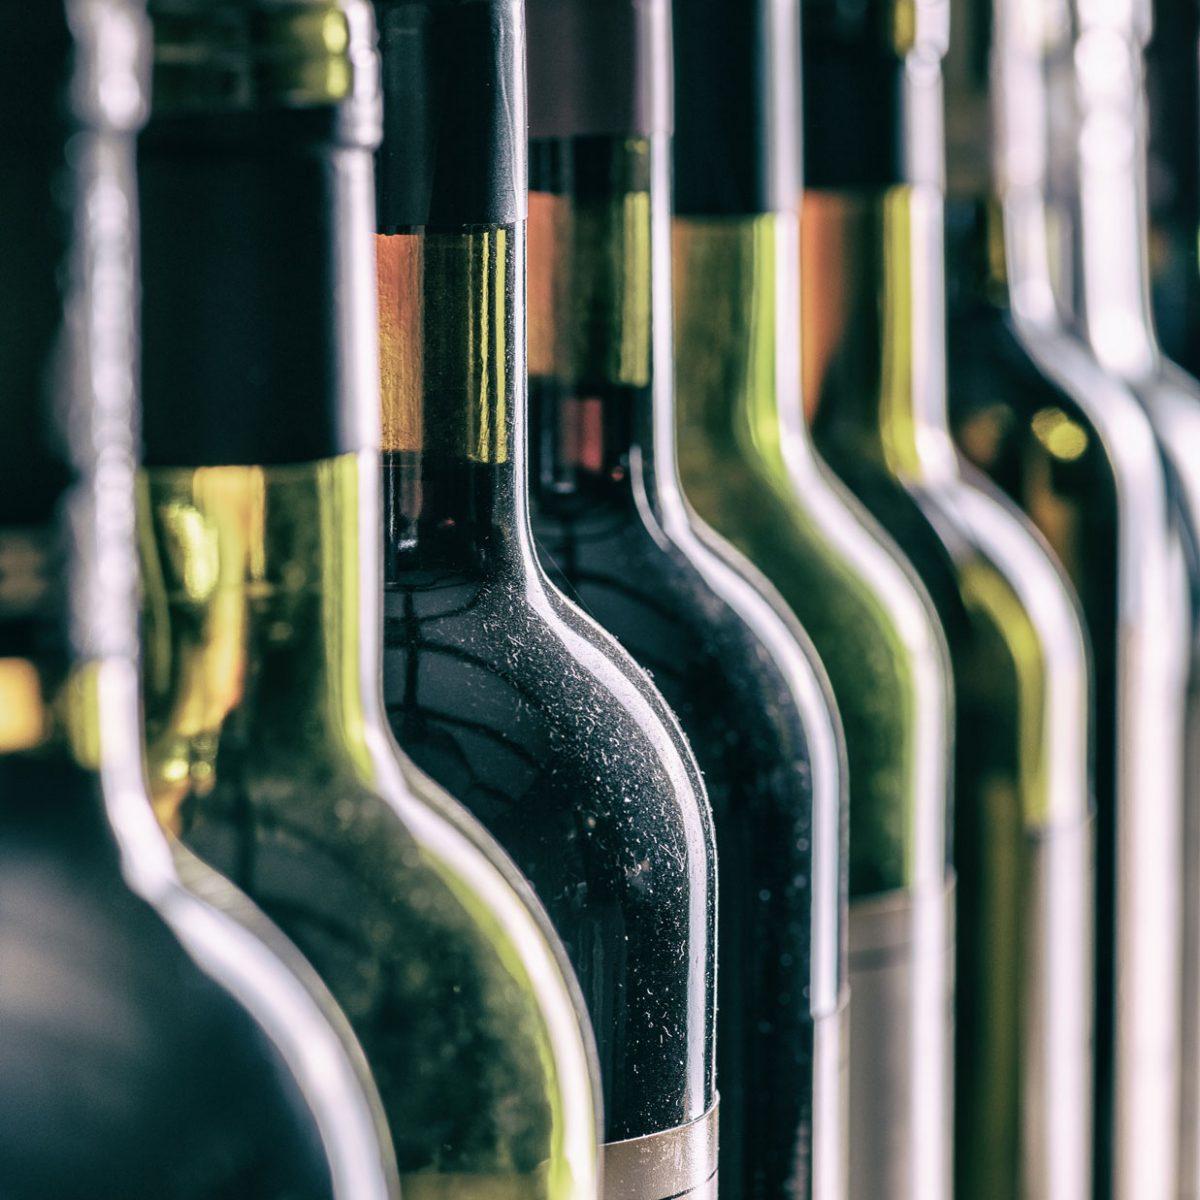 Weine von focuswein | Ausgezeichnete Weine in höchster Qualität